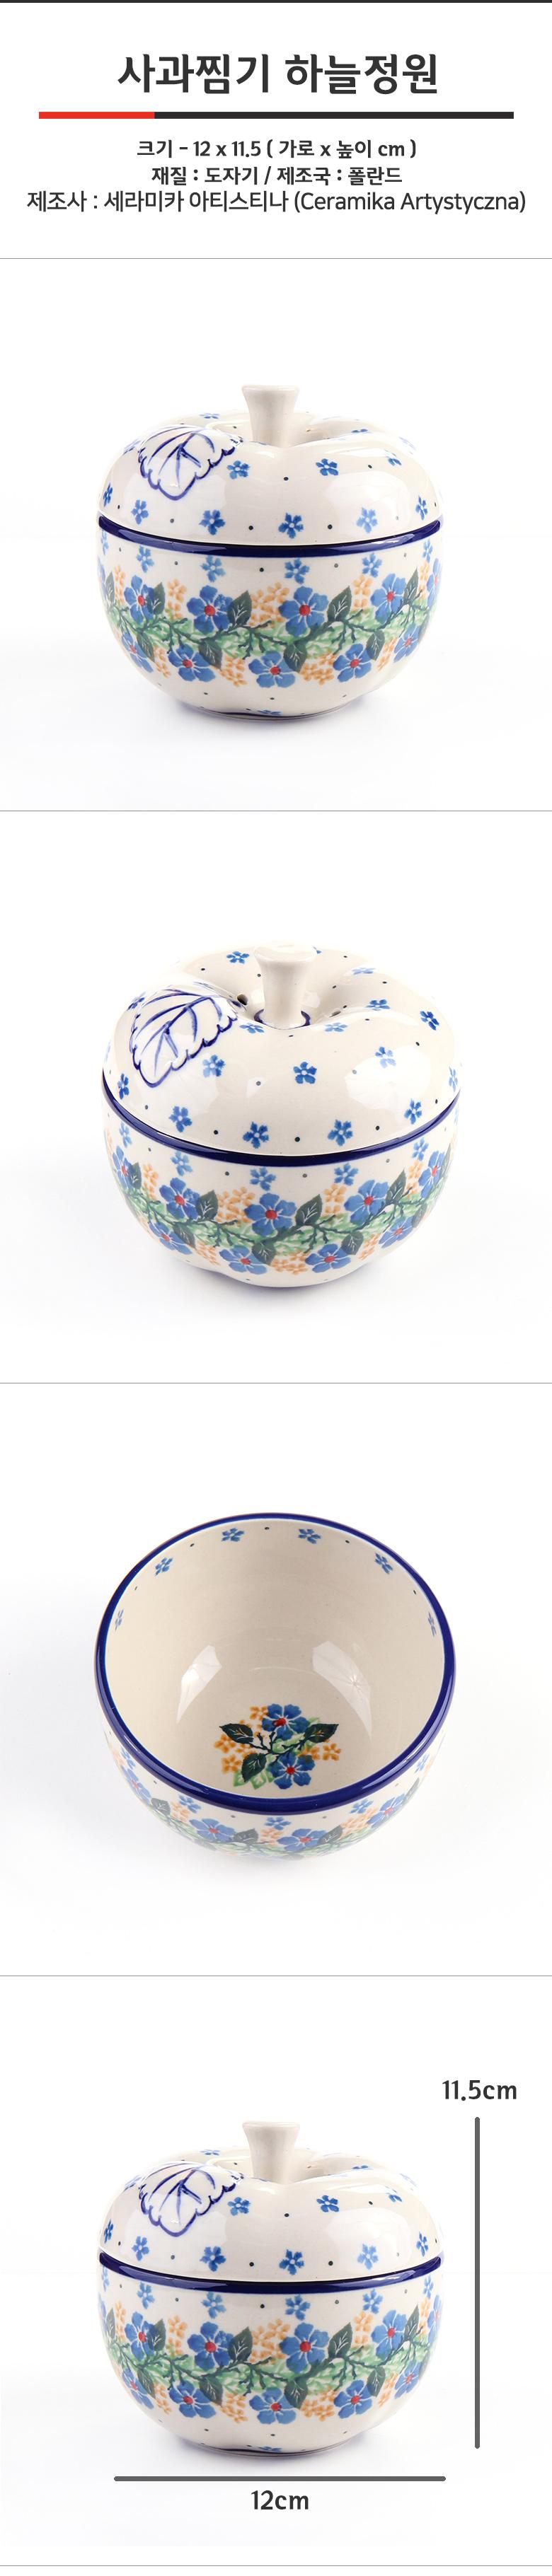 아티스티나 폴란드그릇 사과찜기 하늘정원 - 샤이니아이돌, 65,000원, 압력솥/찜기, 찜기